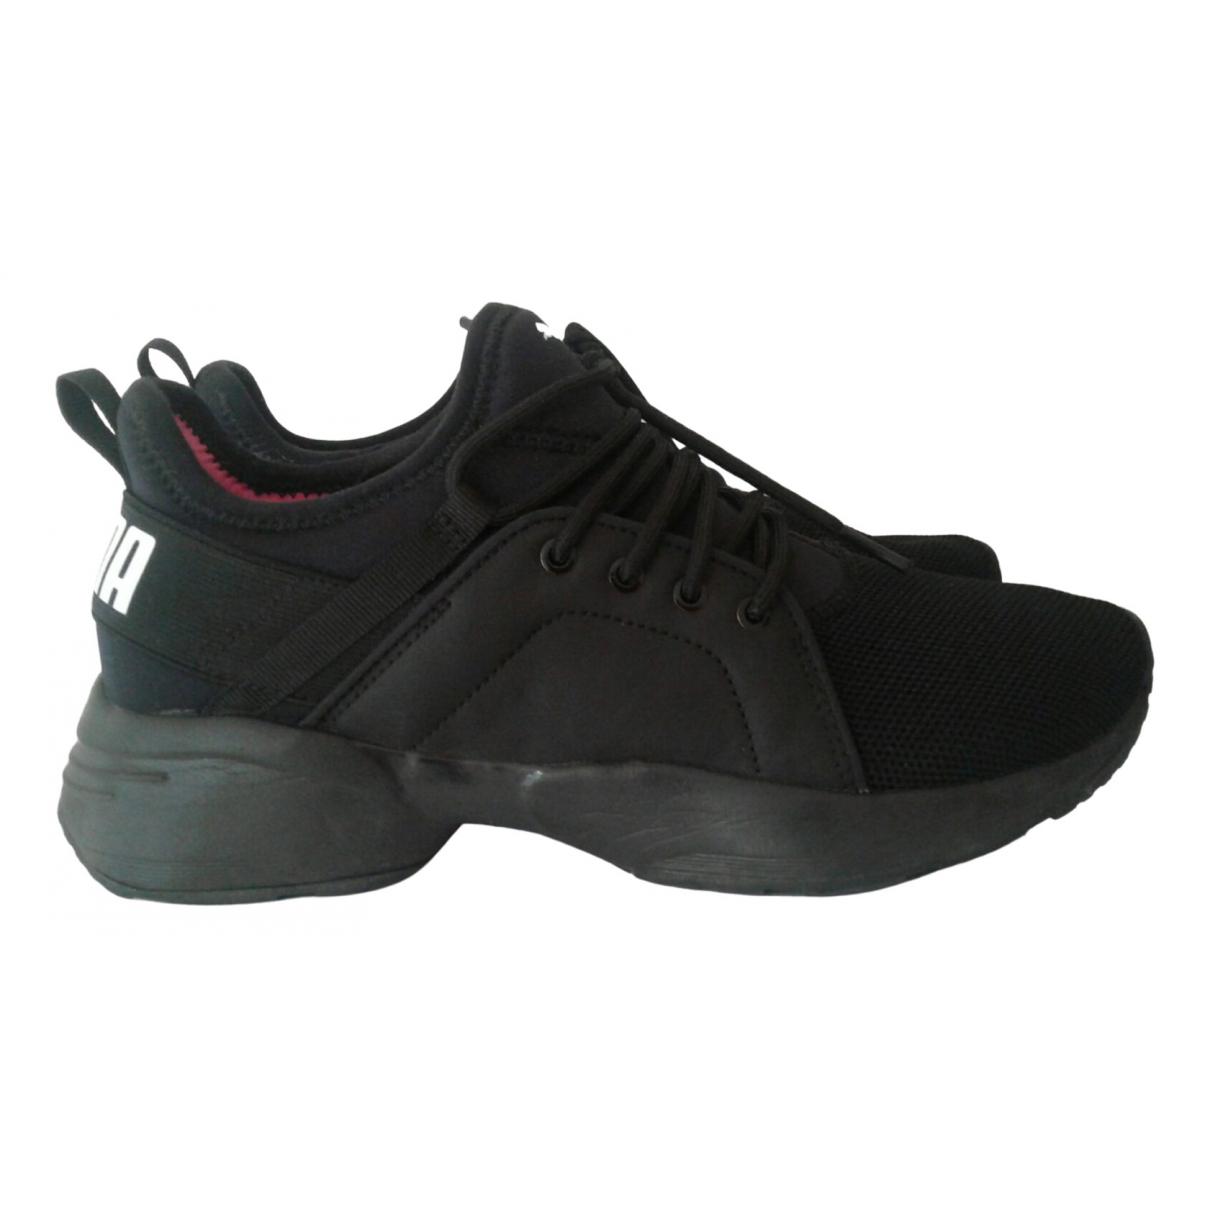 Puma - Baskets   pour femme - noir